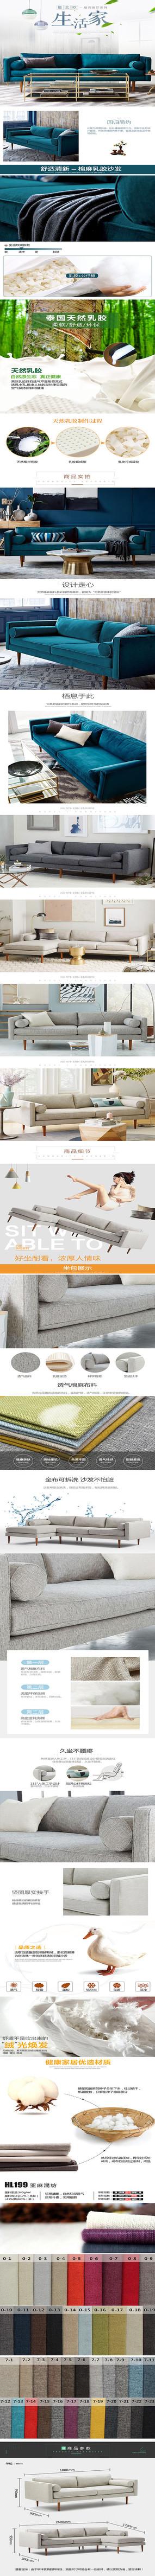 淘宝天猫家具乳胶沙发详情页描述PSD模板